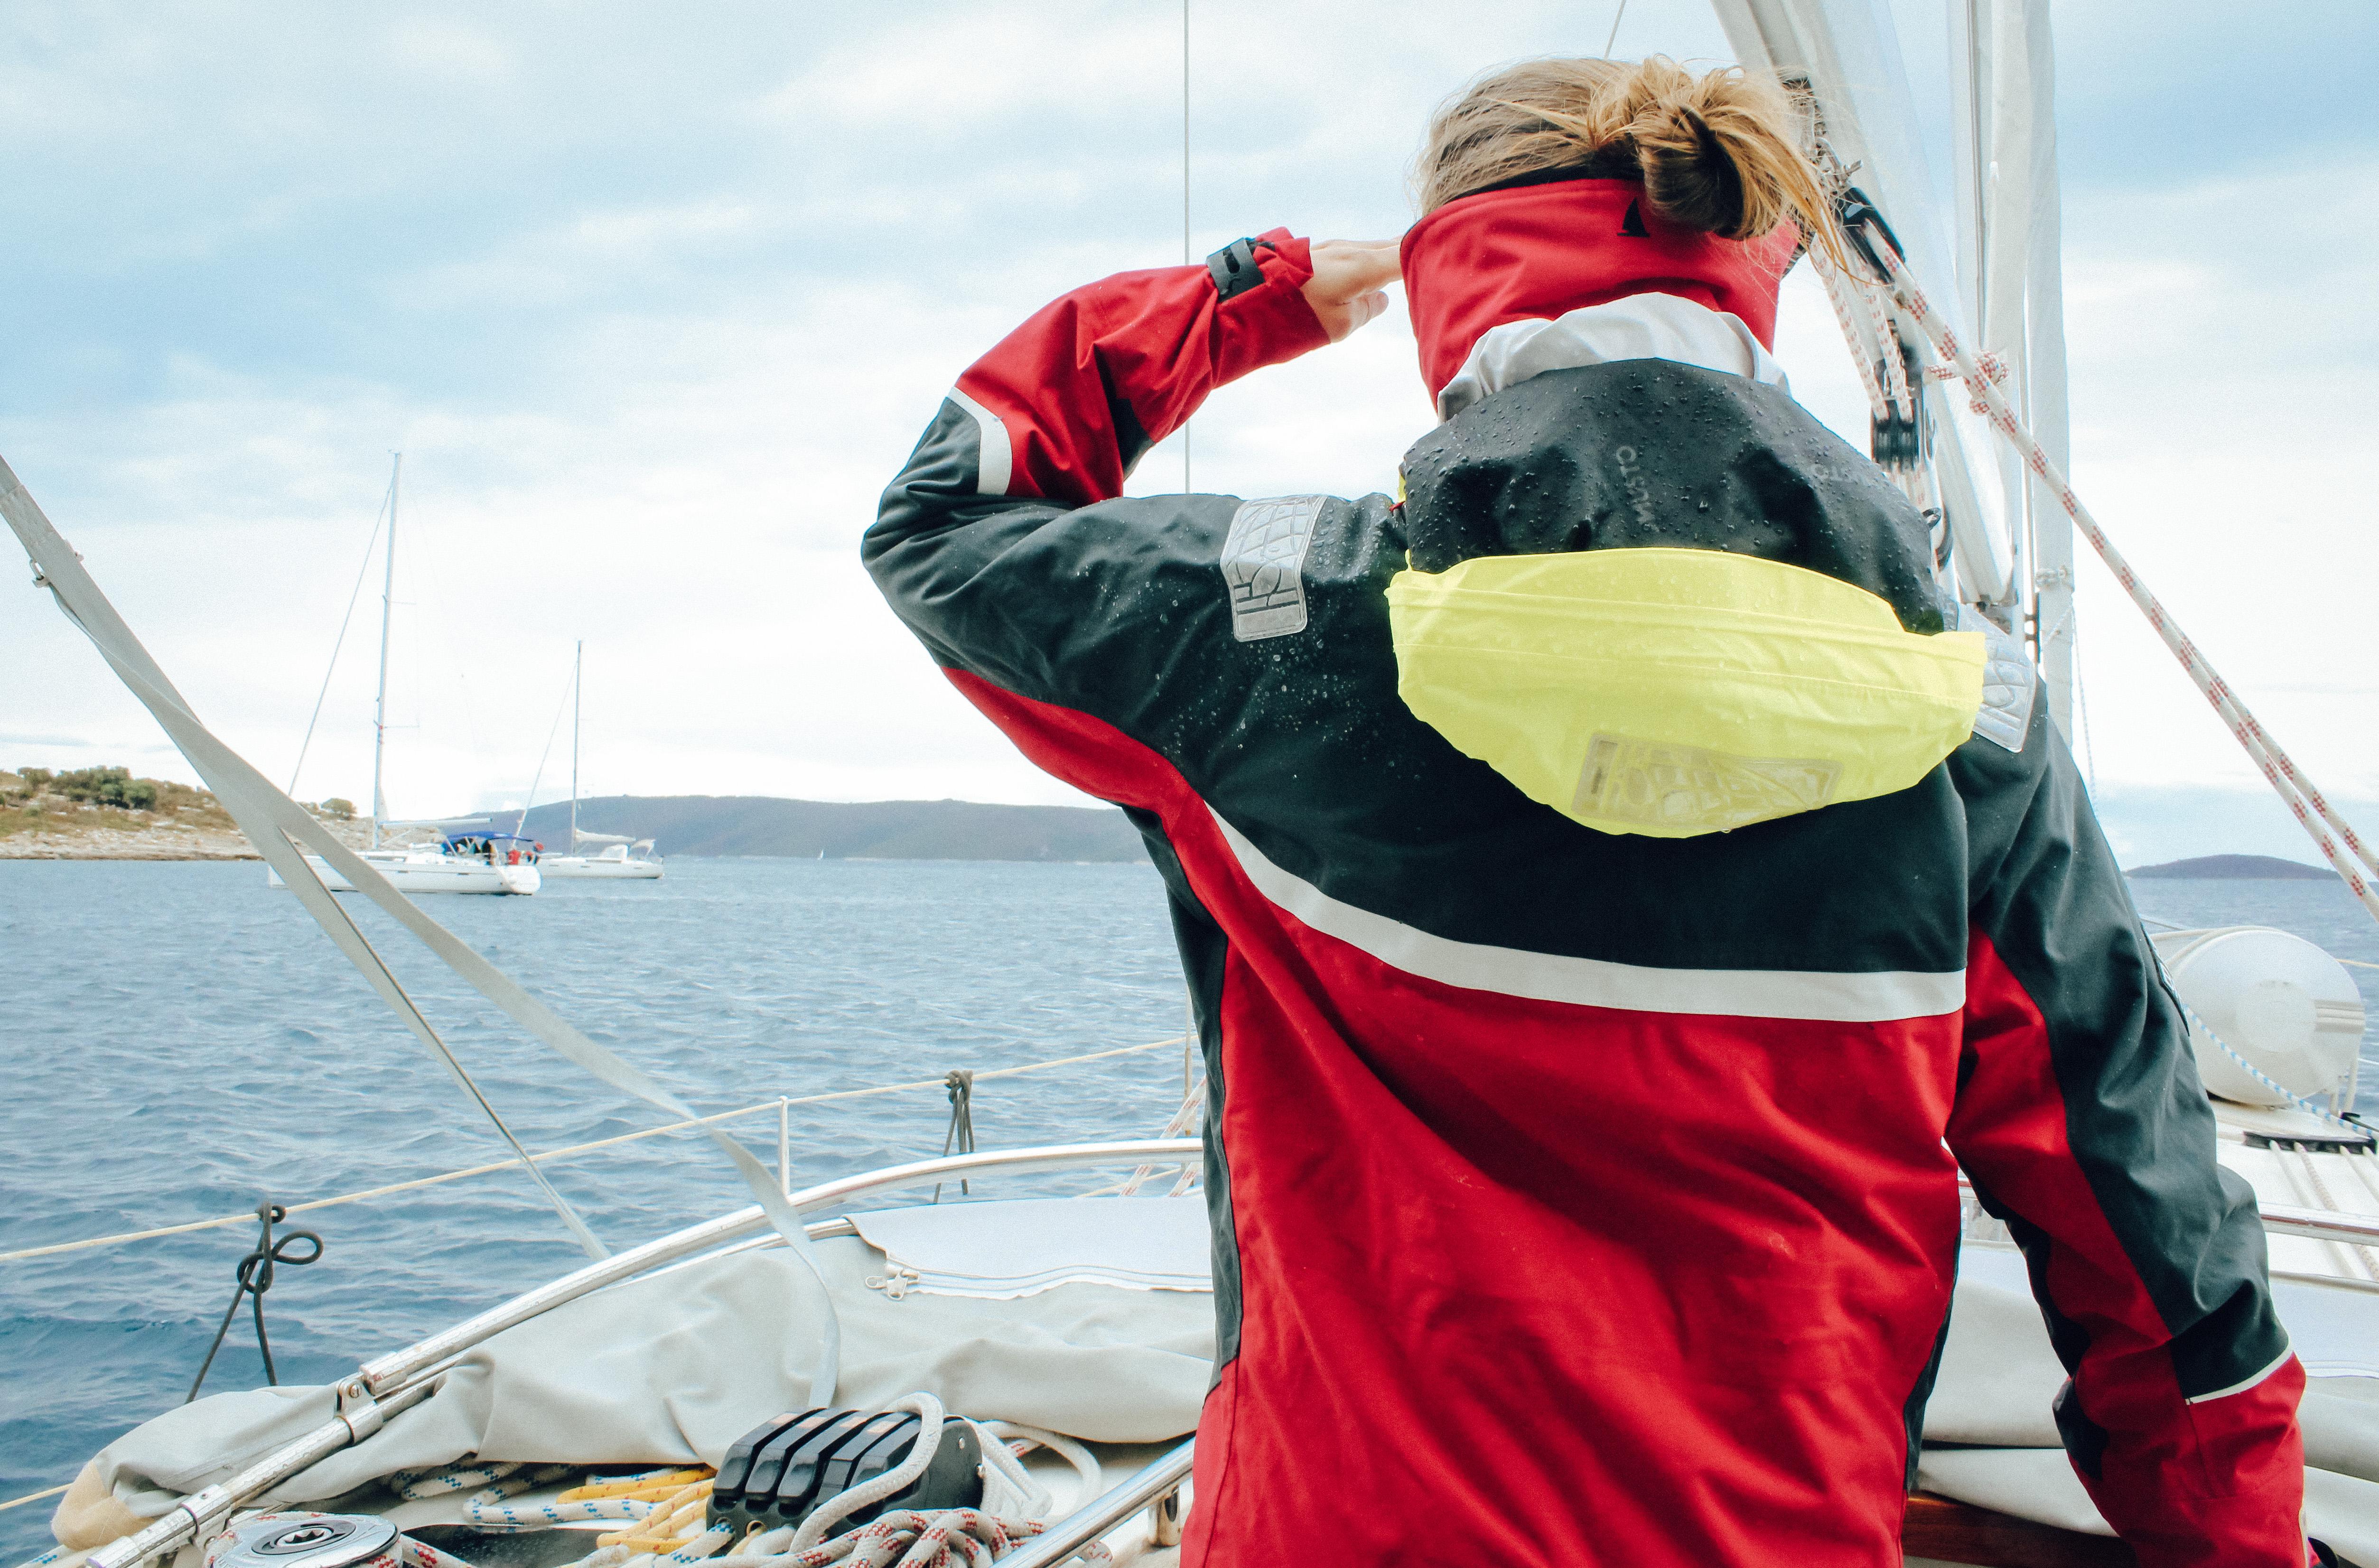 Crewmitglie bobachtet den Schiffsverkehr